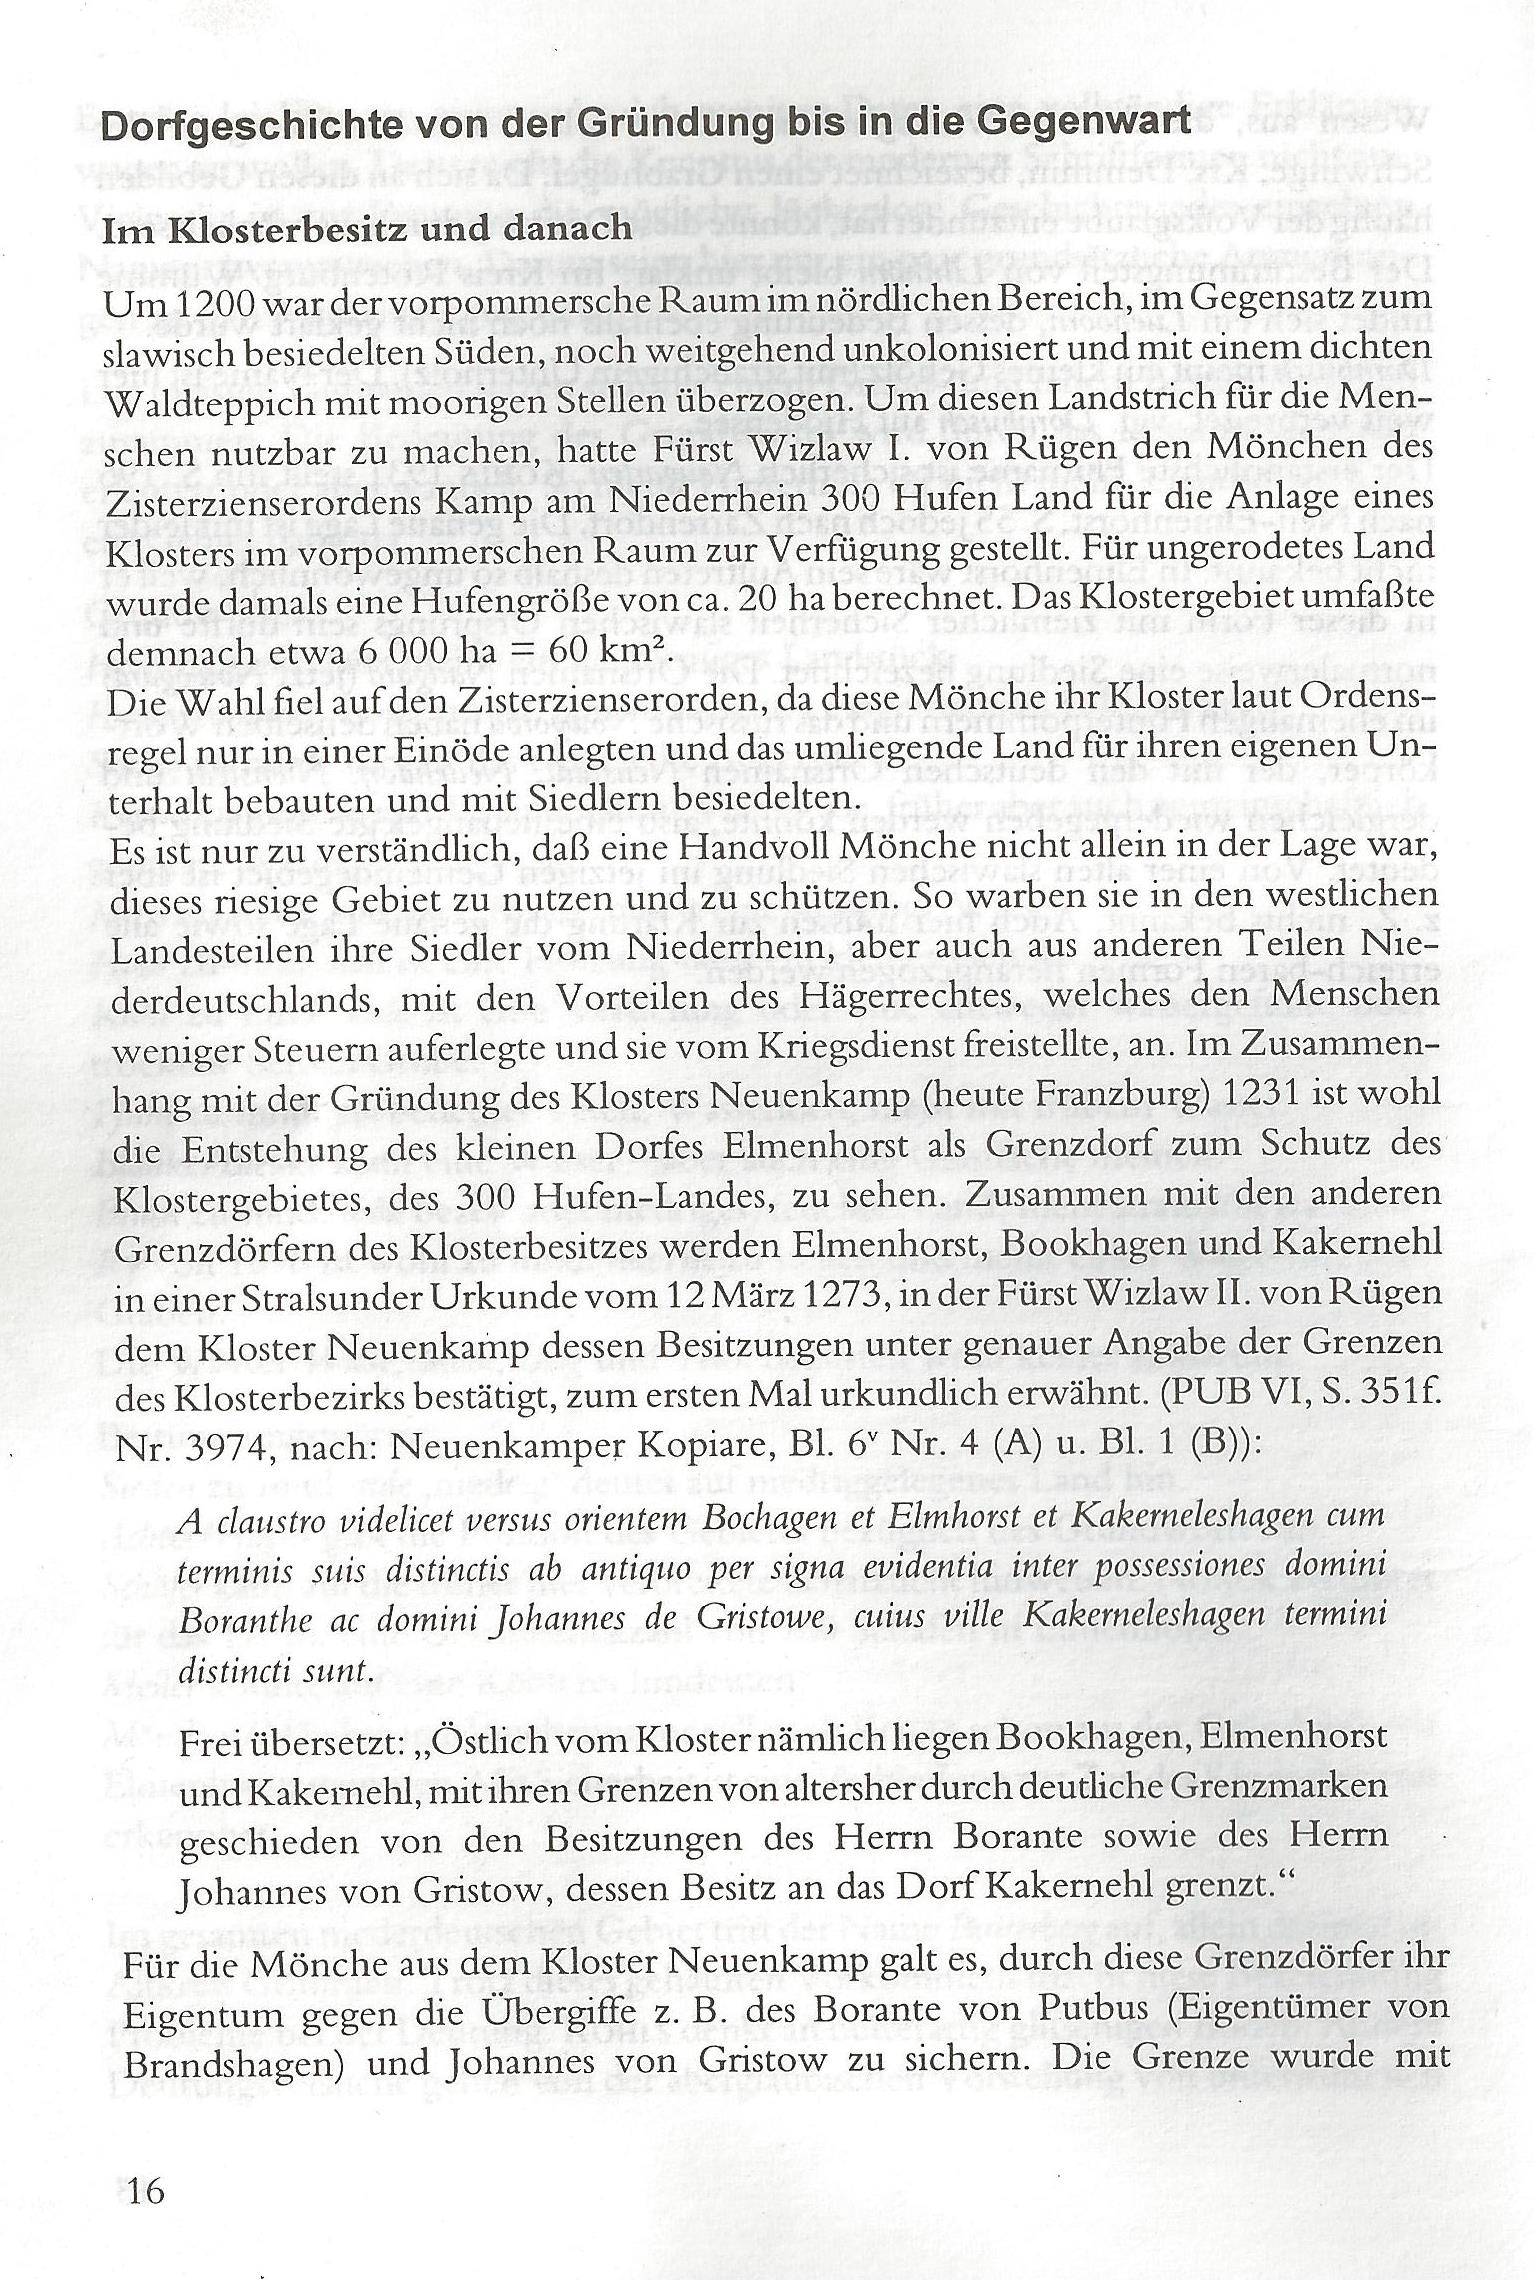 Dorfgeschichte von der Gründung bis in die Gegenwart (Seiten 016 - 050)